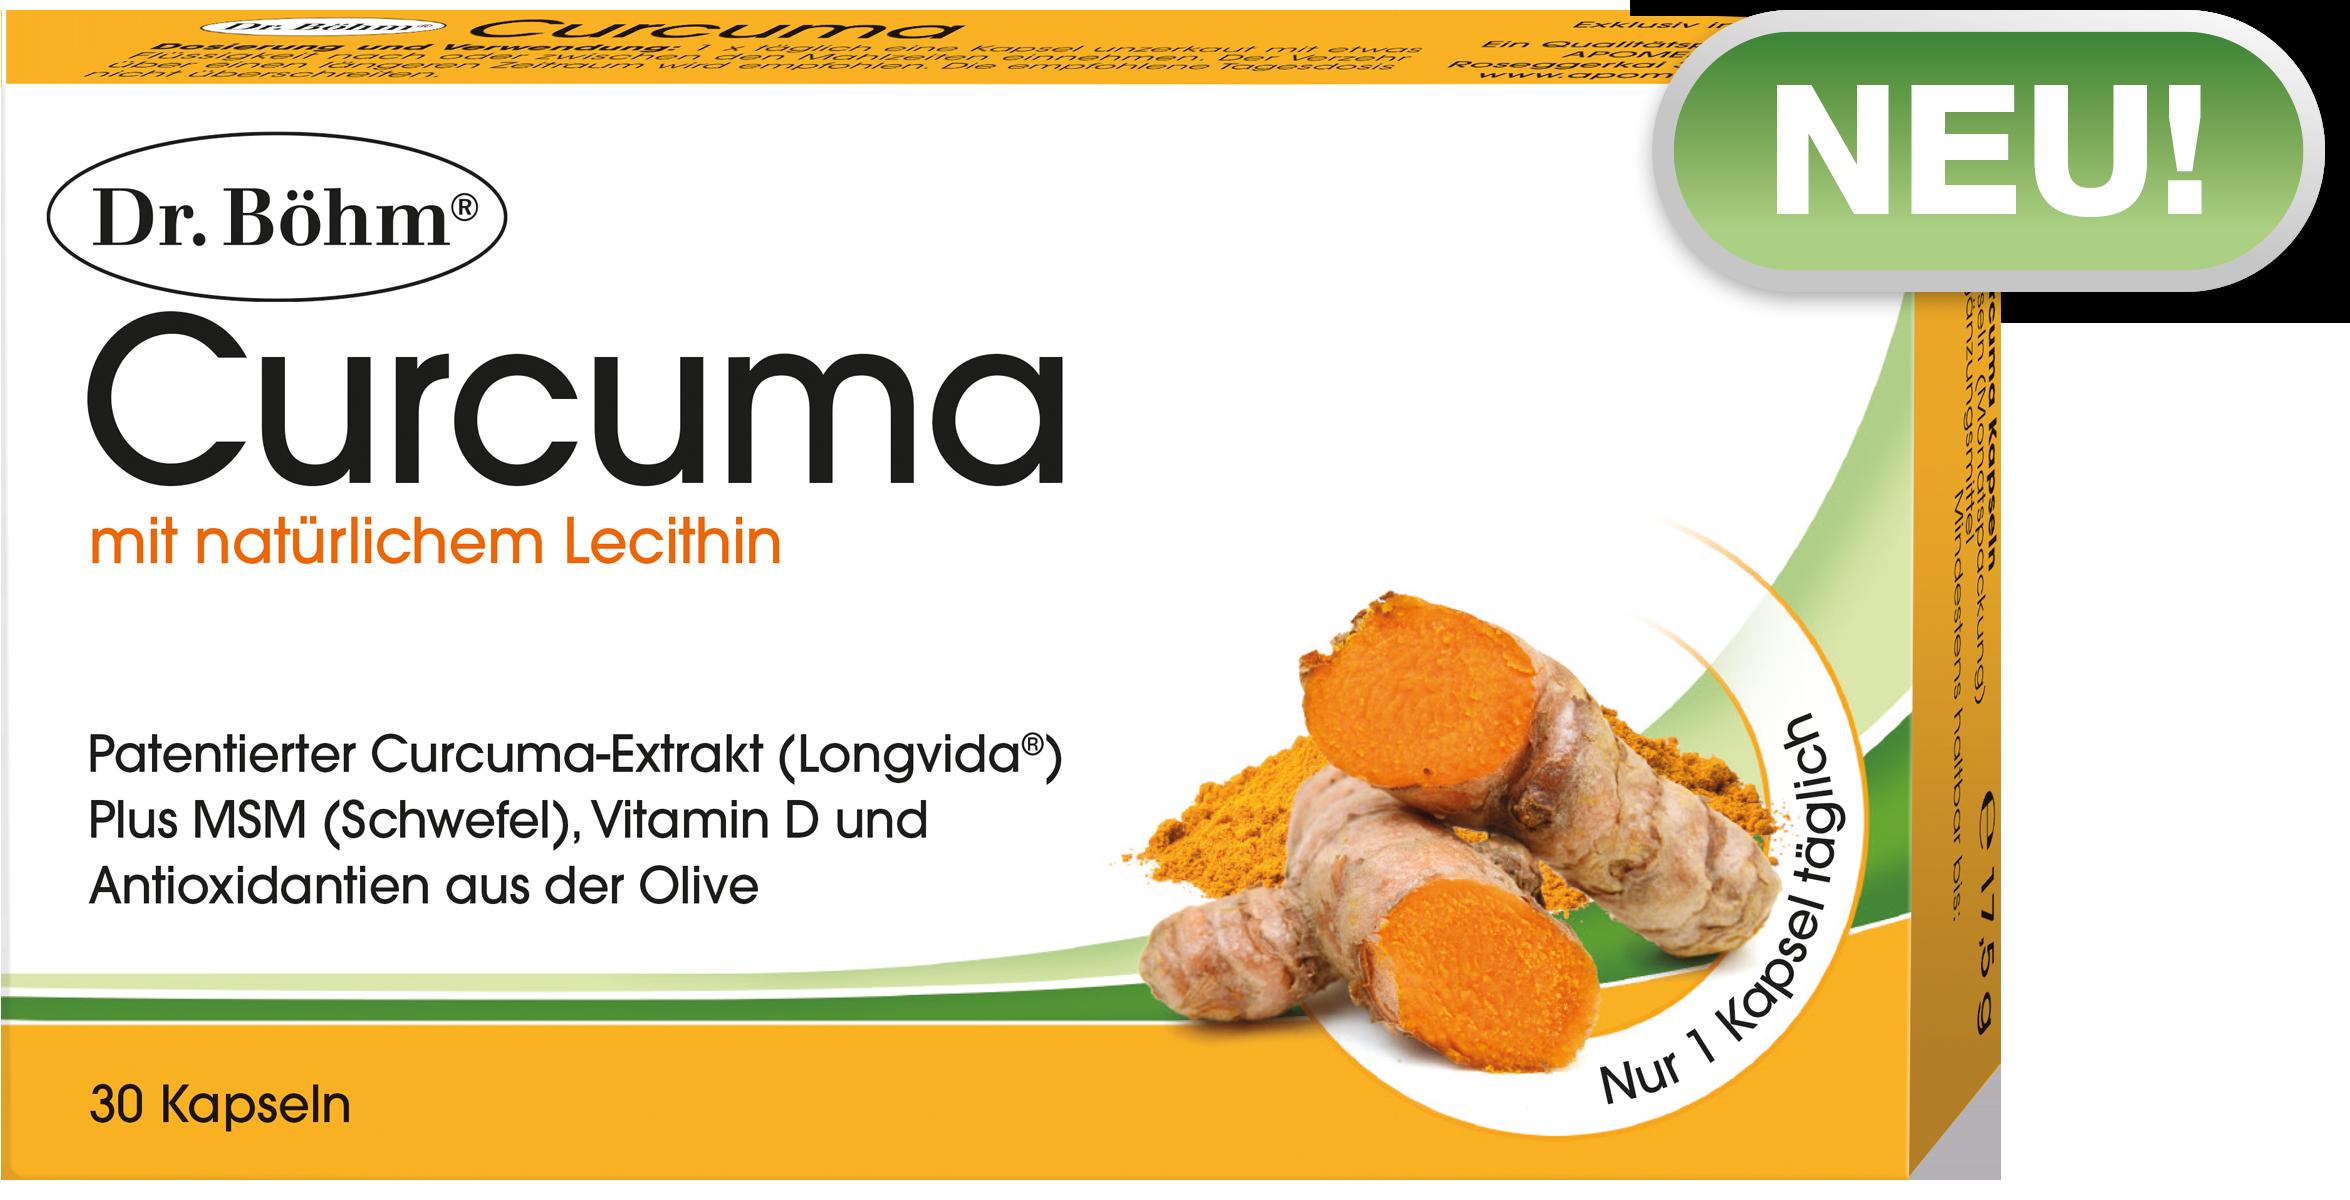 Dr. Böhm® Curcuma Kapseln, Nahrungsergänzungsmittel